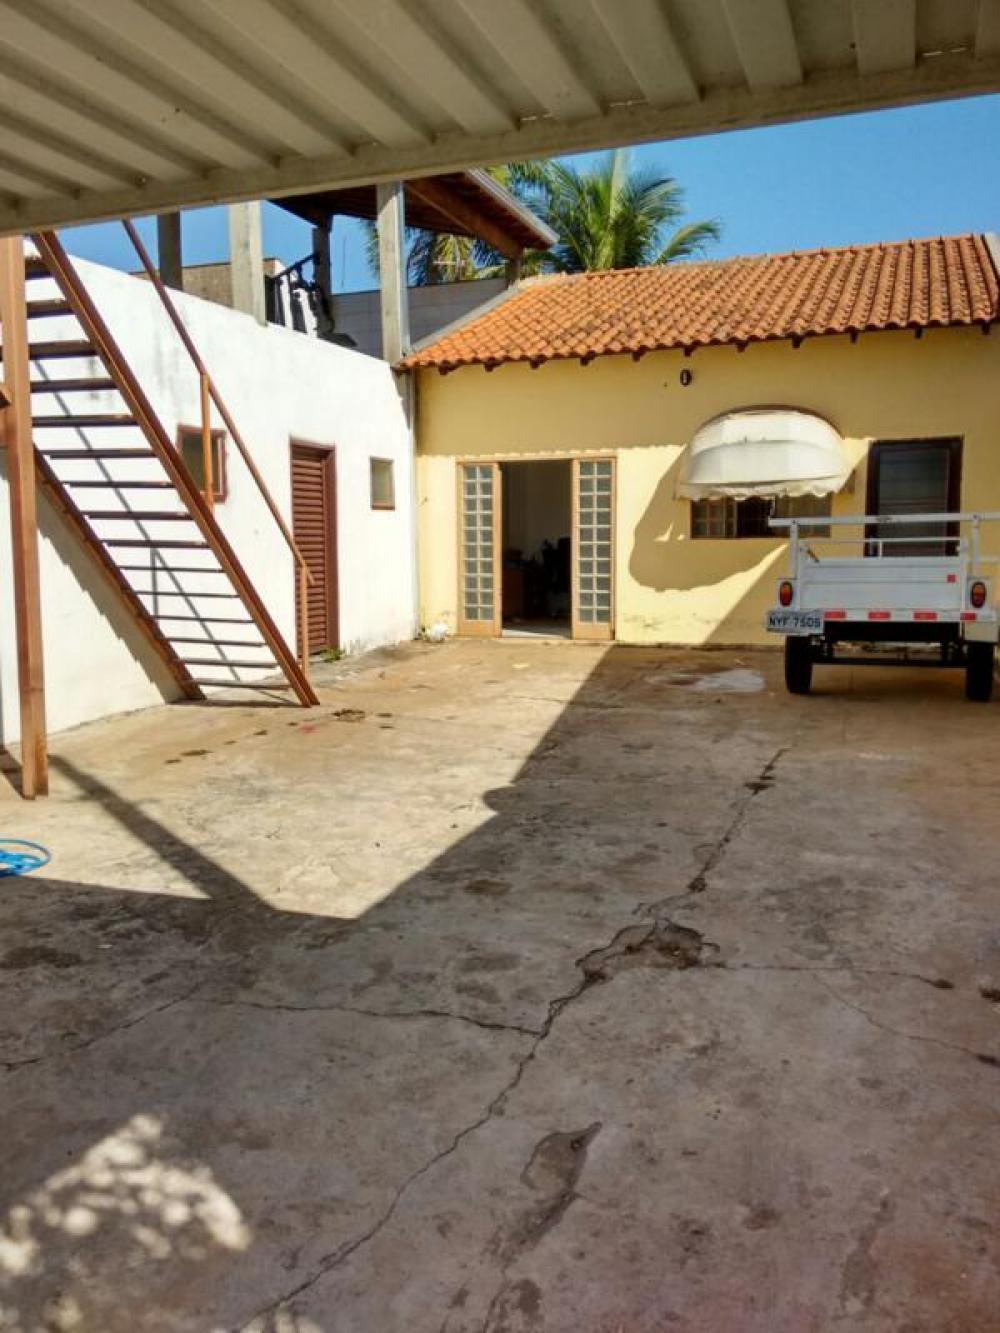 Comprar Casa / Padrão em Mirassol apenas R$ 280.000,00 - Foto 5